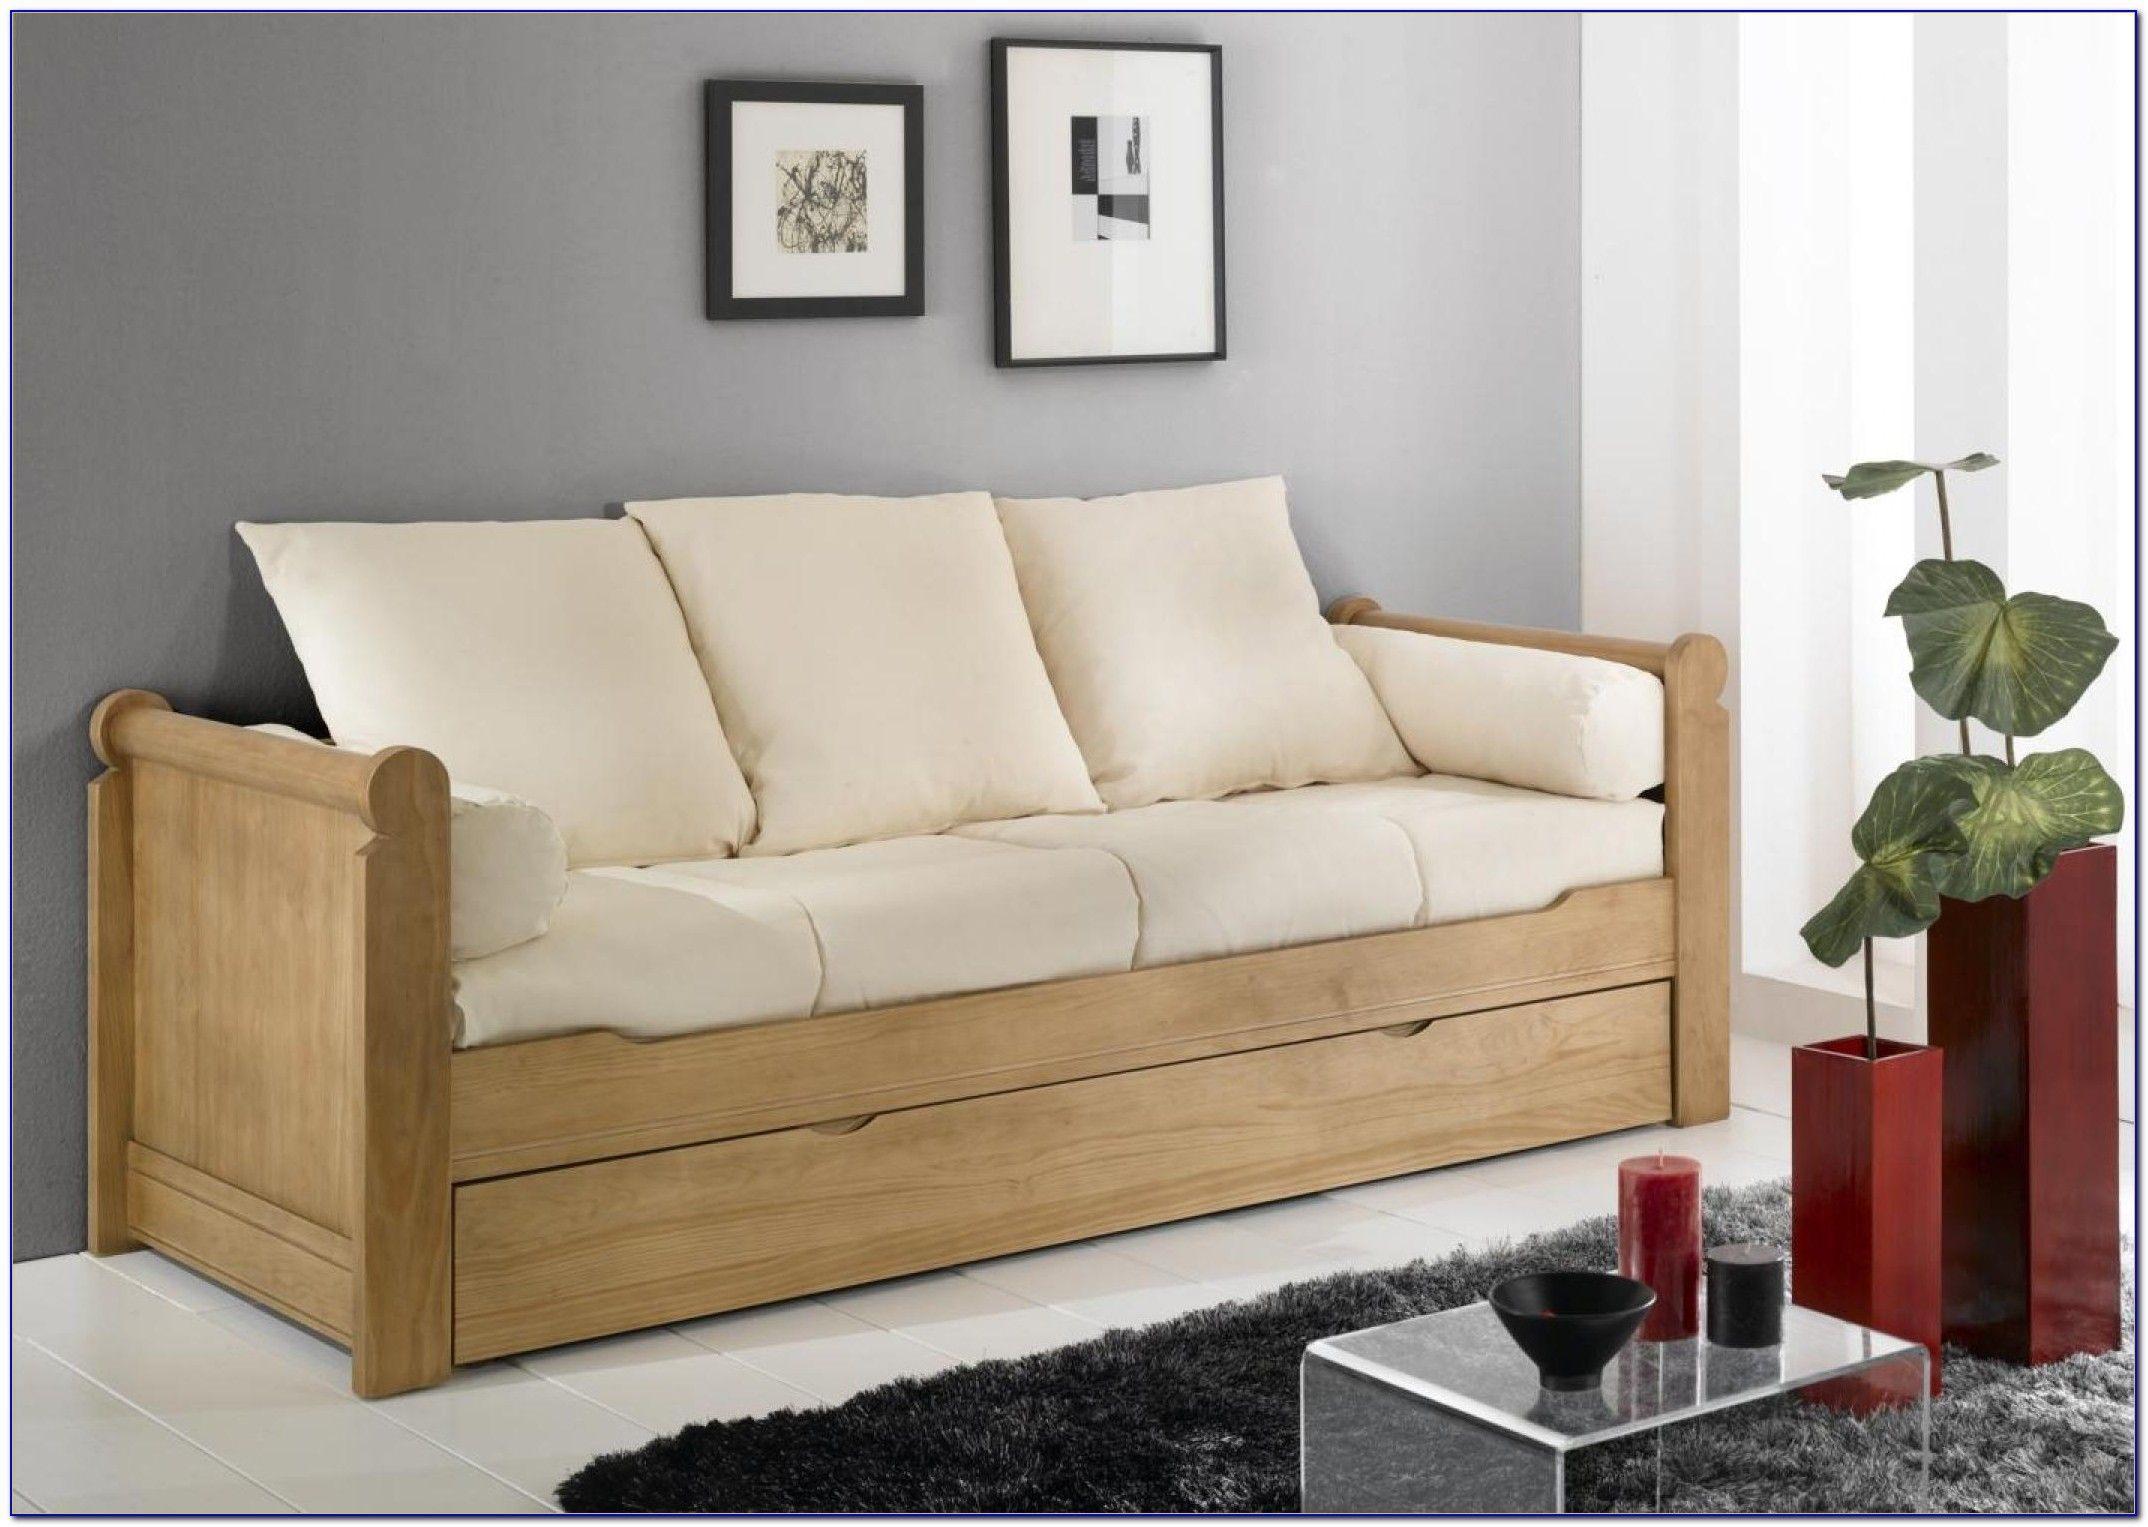 Lit 3 Places Superposé Bel Entra Nant Lit Superposé Avec Canapé Sur Lit Biné Armoire Fresh Lit